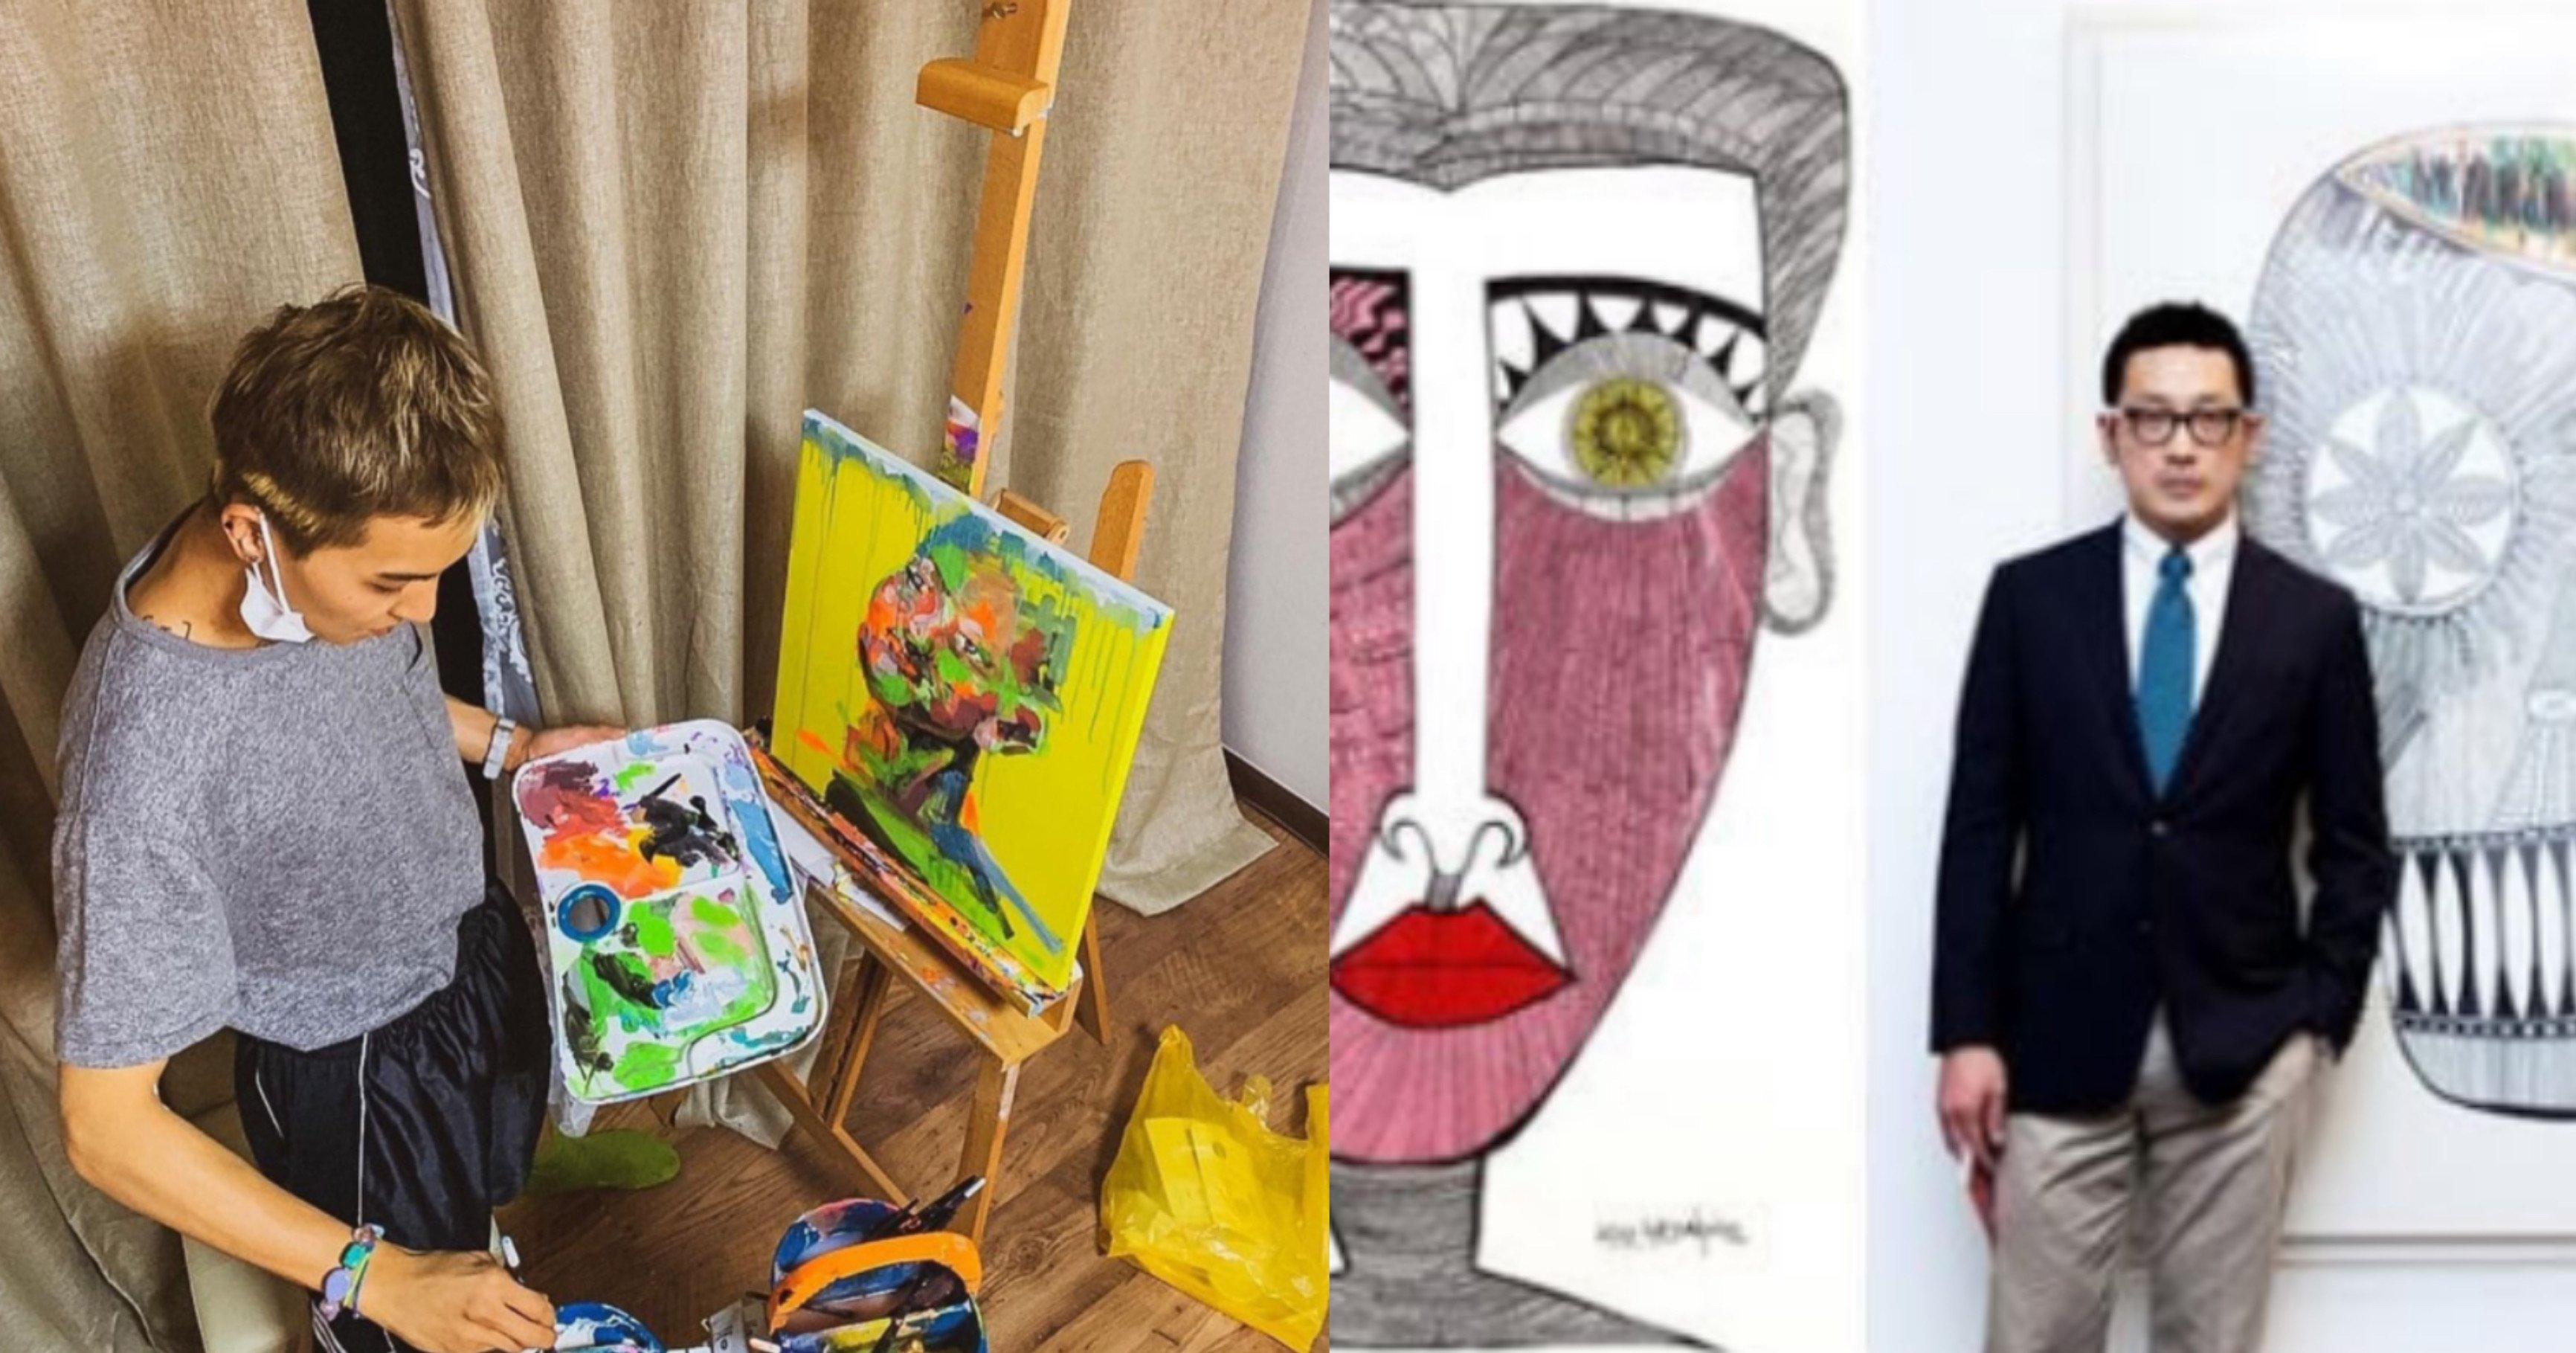 64f9eb1e e557 4dc7 b5b8 76e99e64ffa5.jpeg?resize=412,232 - 최근 논란 중인 한 미술작가가 '직설적으로' 평가한 화가로 데뷔한 연예인들의 그림 실력(+사진)